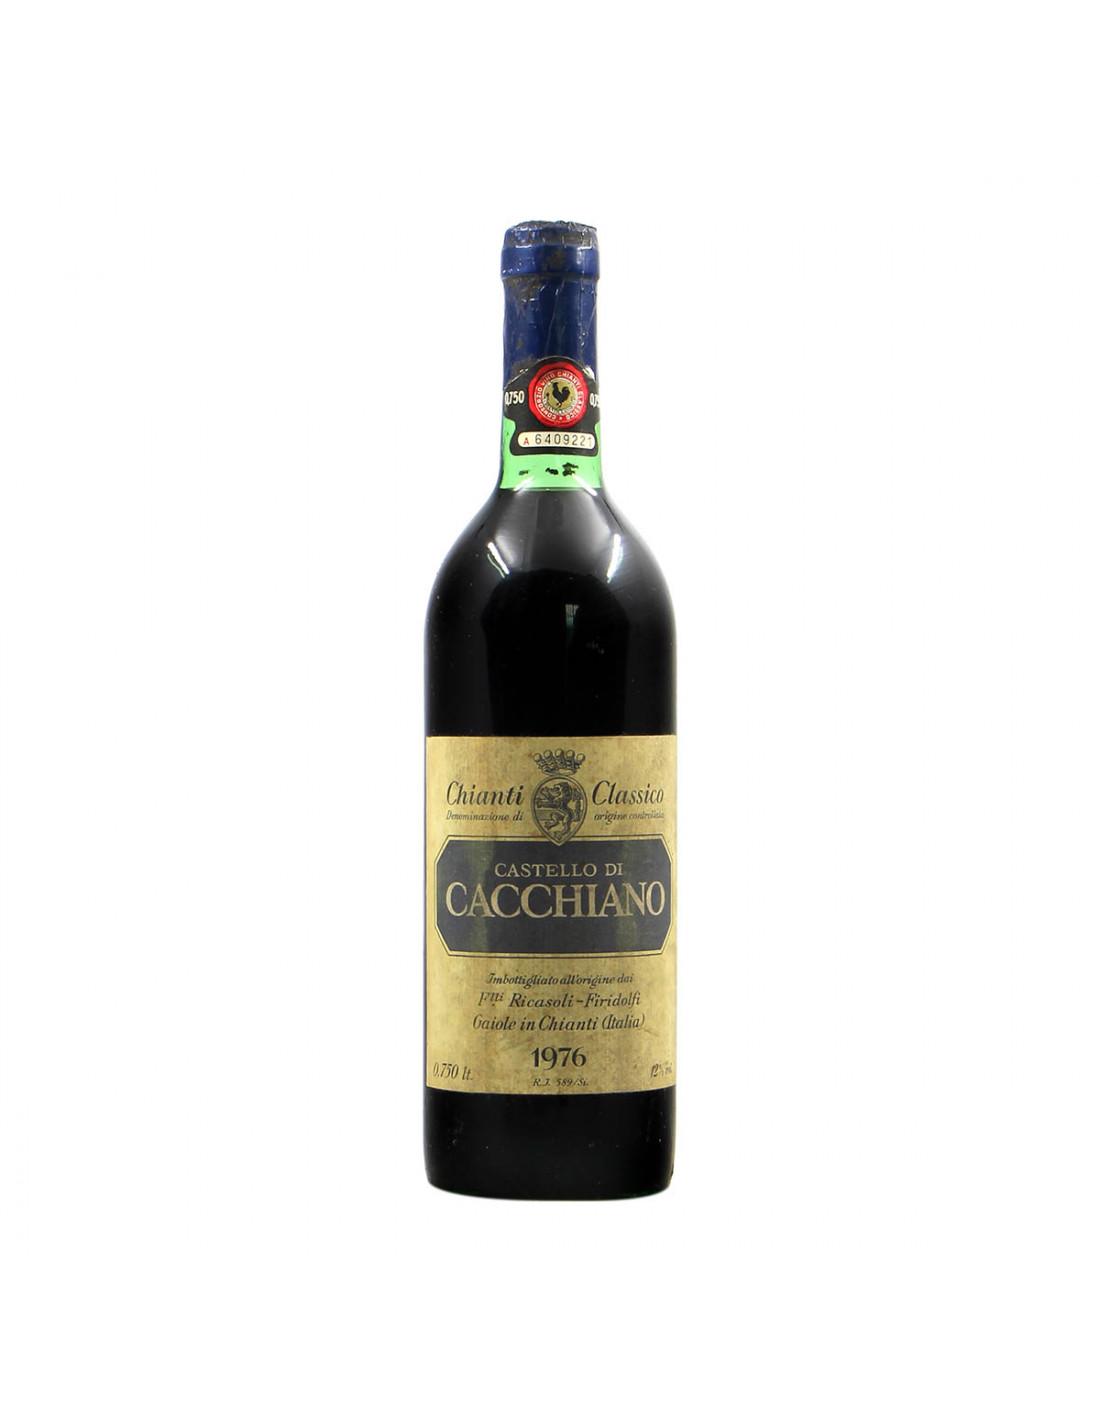 Barone Ricasoli Chianti Classico Castello di Cacchiano 1976 Grandi Bottiglie